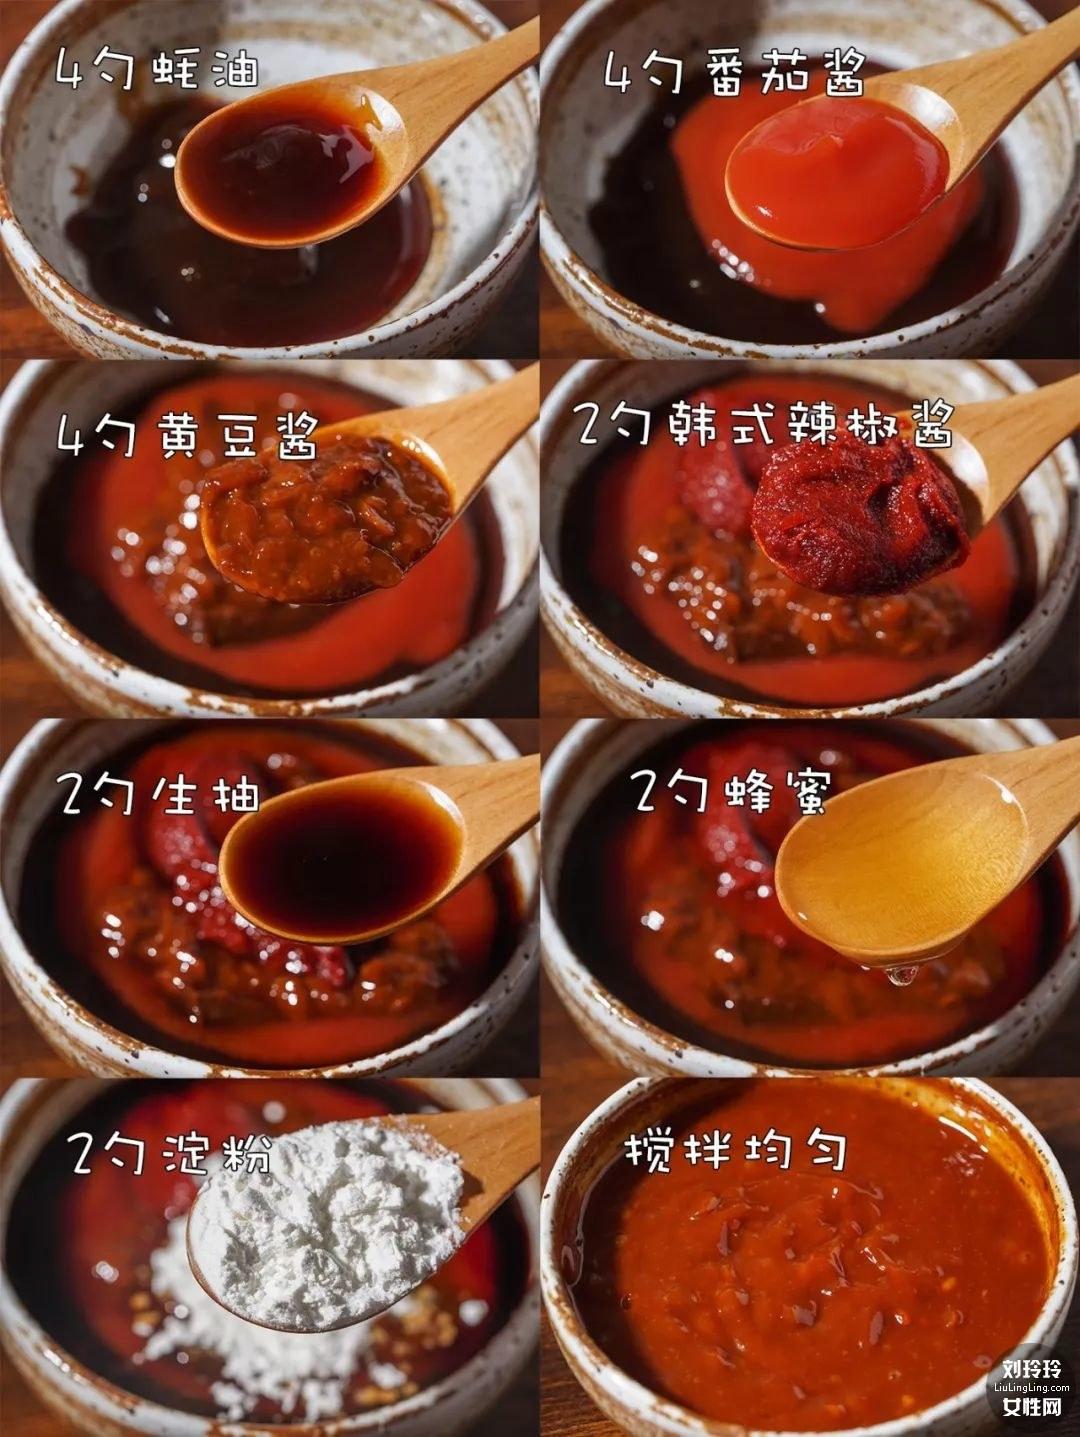 三汁燜鍋的做法 三汁燜鍋醬料配方8